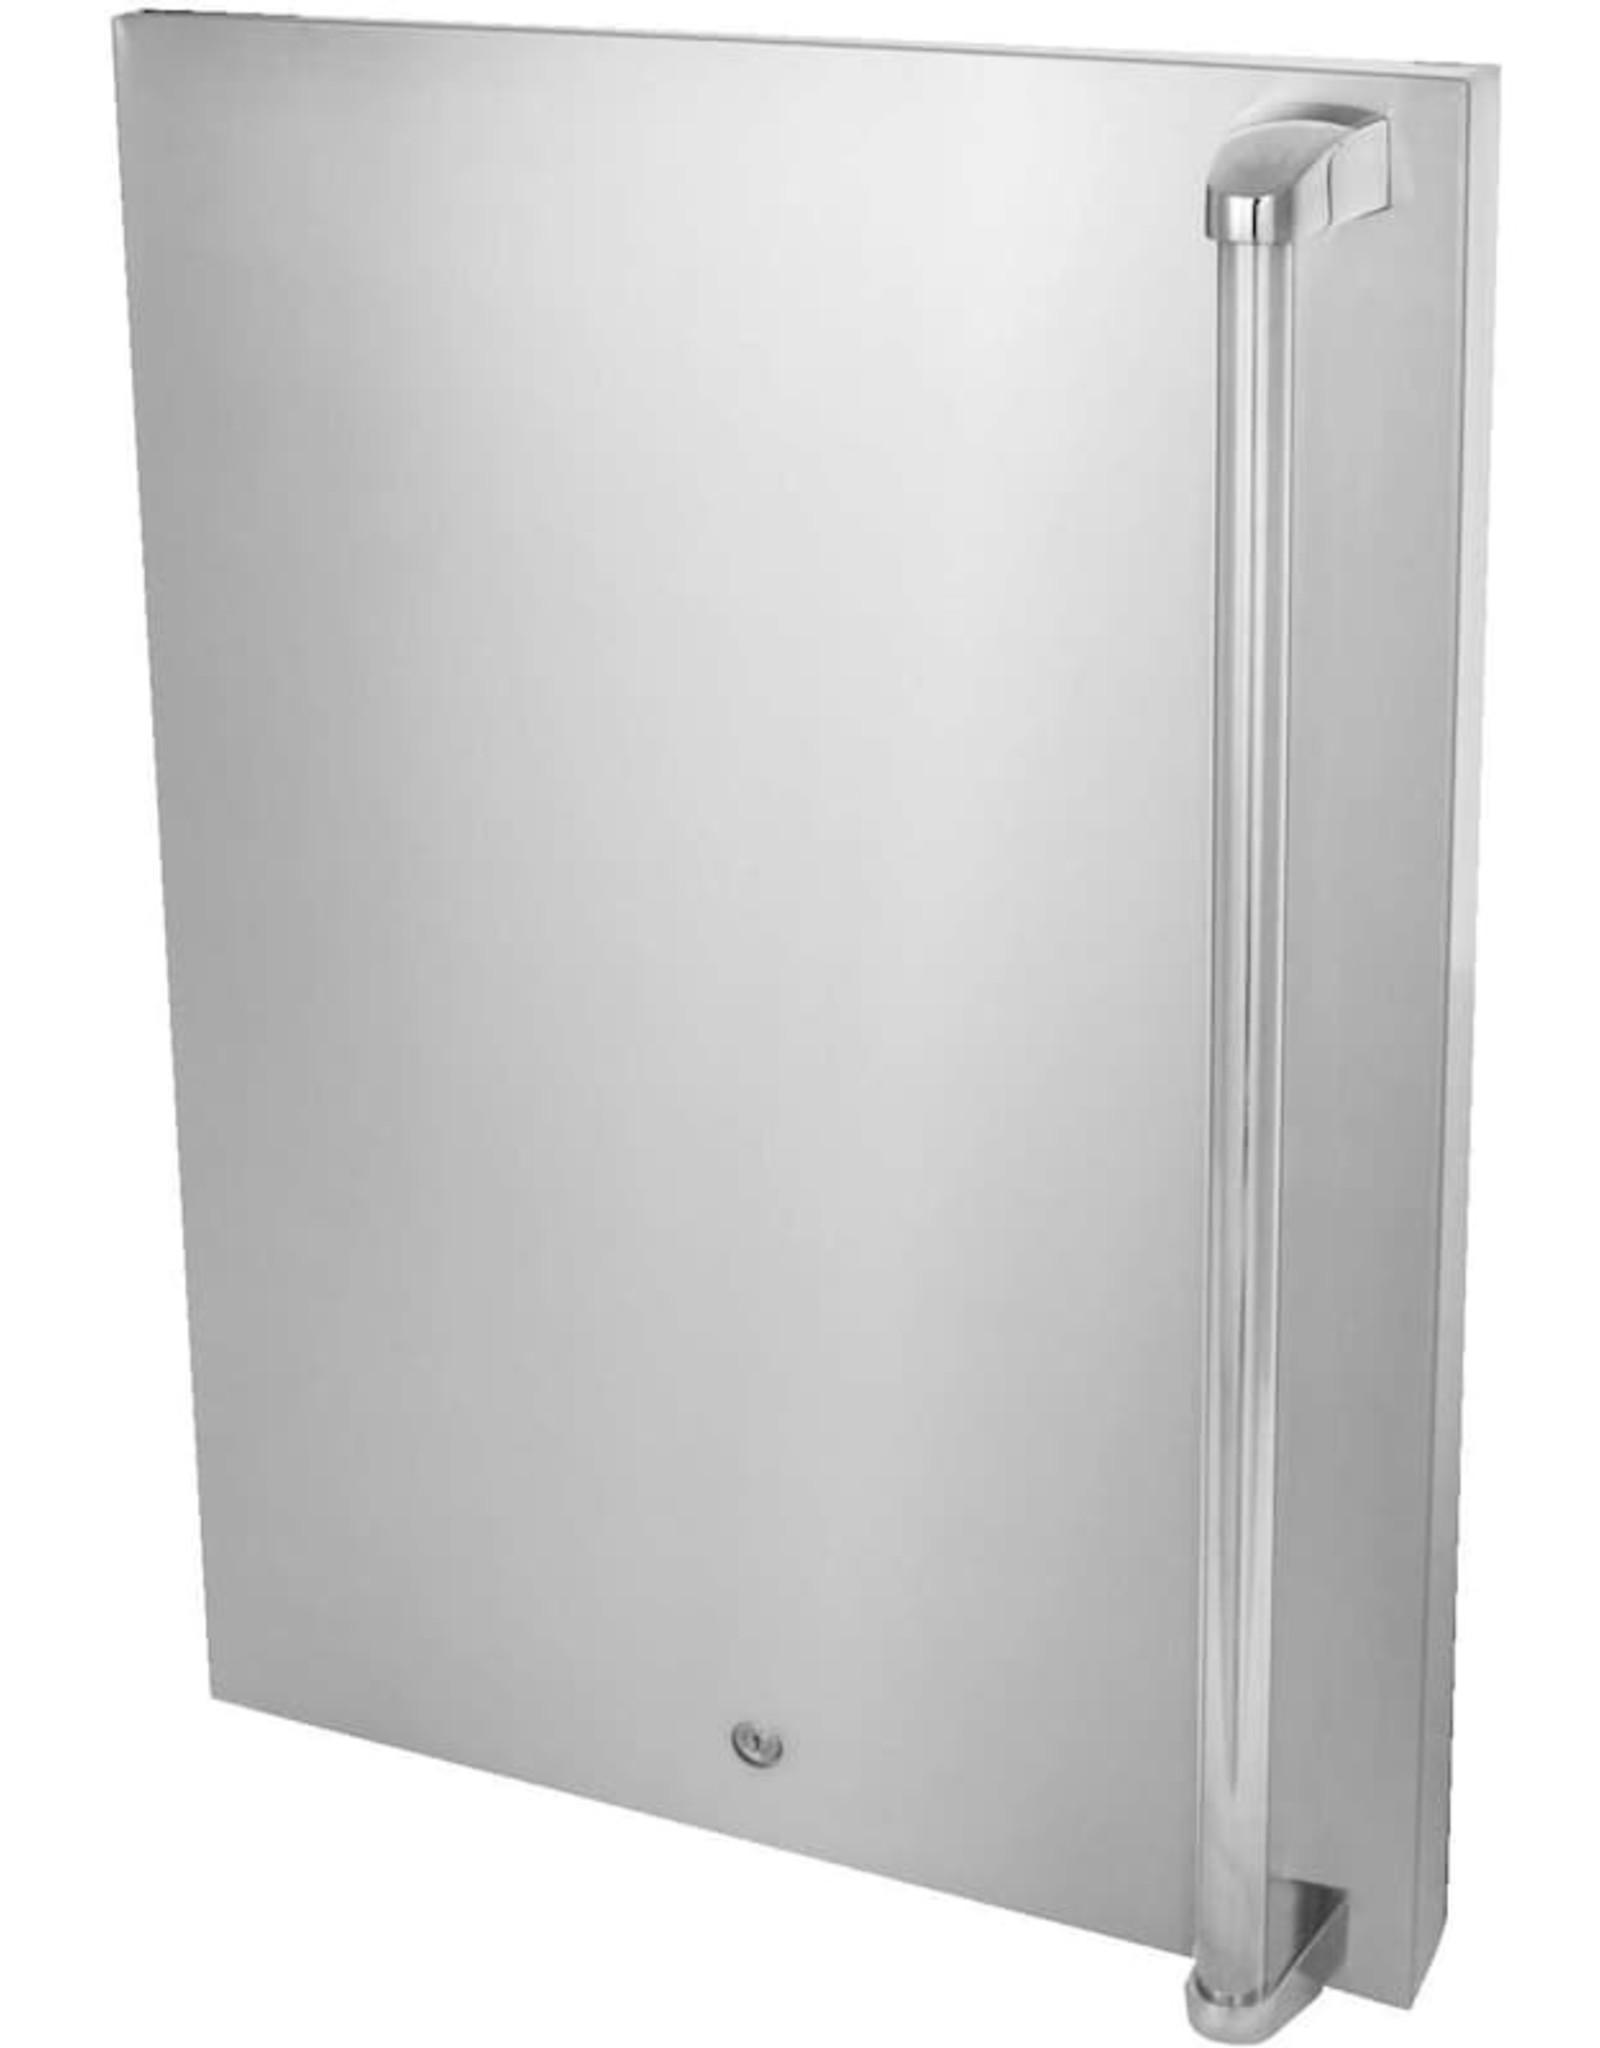 Blaze Outdoor Products Blaze Left Hinge Stainless Door Upgrade For Blaze BLZ-SSRF130 4.5 Cu. Ft. Refrigerator - BLZ-SSFP-4.5LH